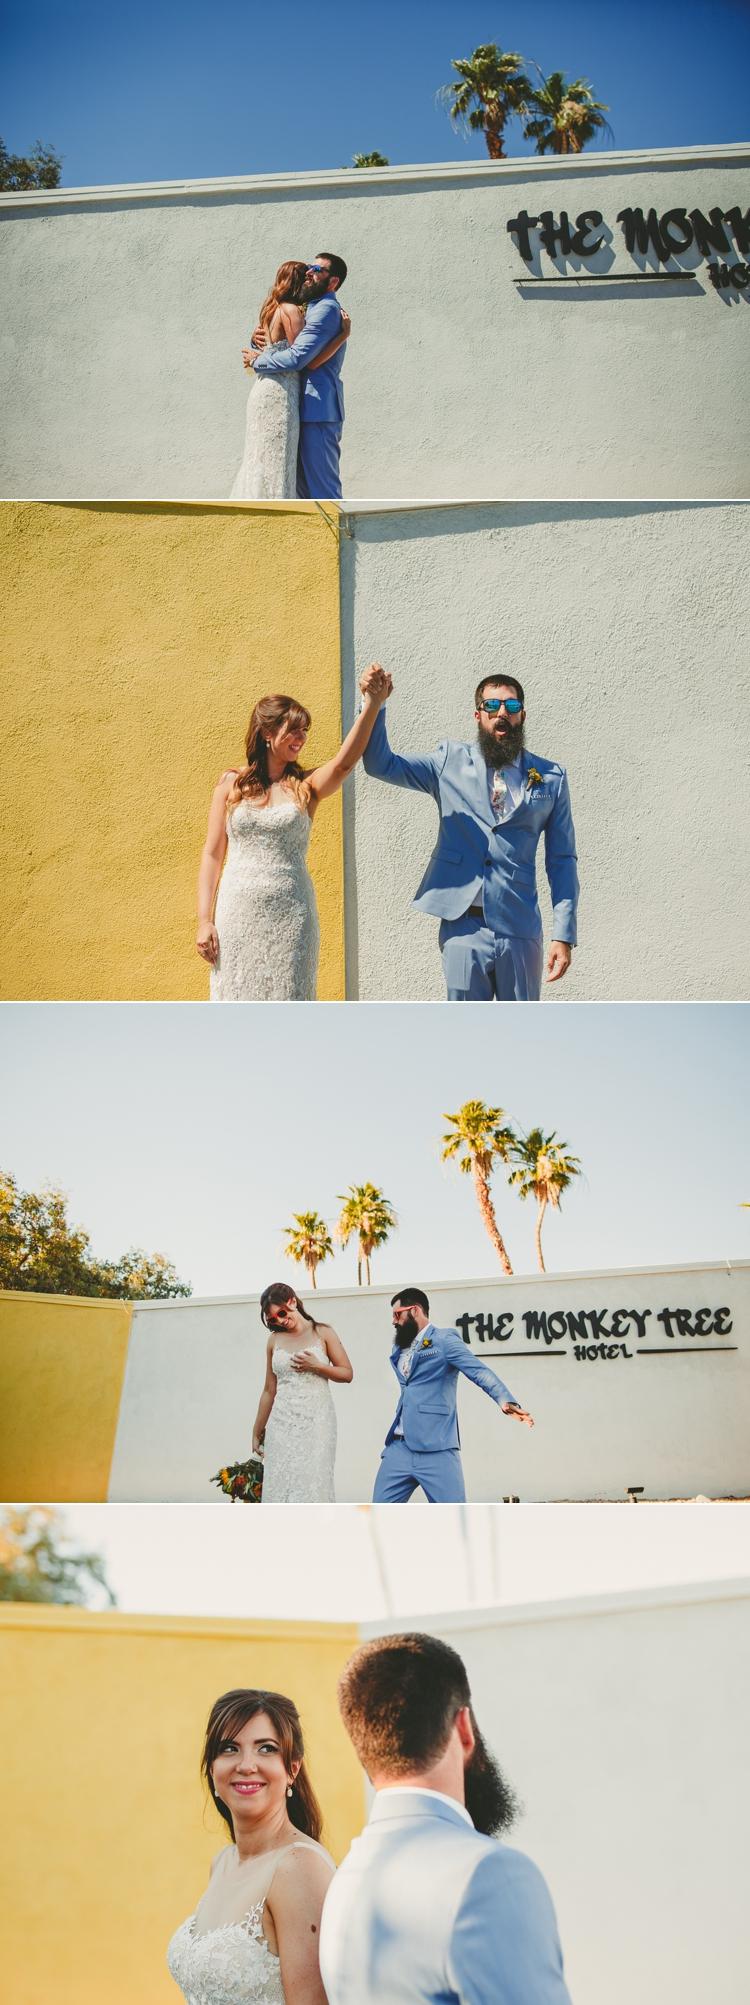 Monkey Tree Hotel Wedding